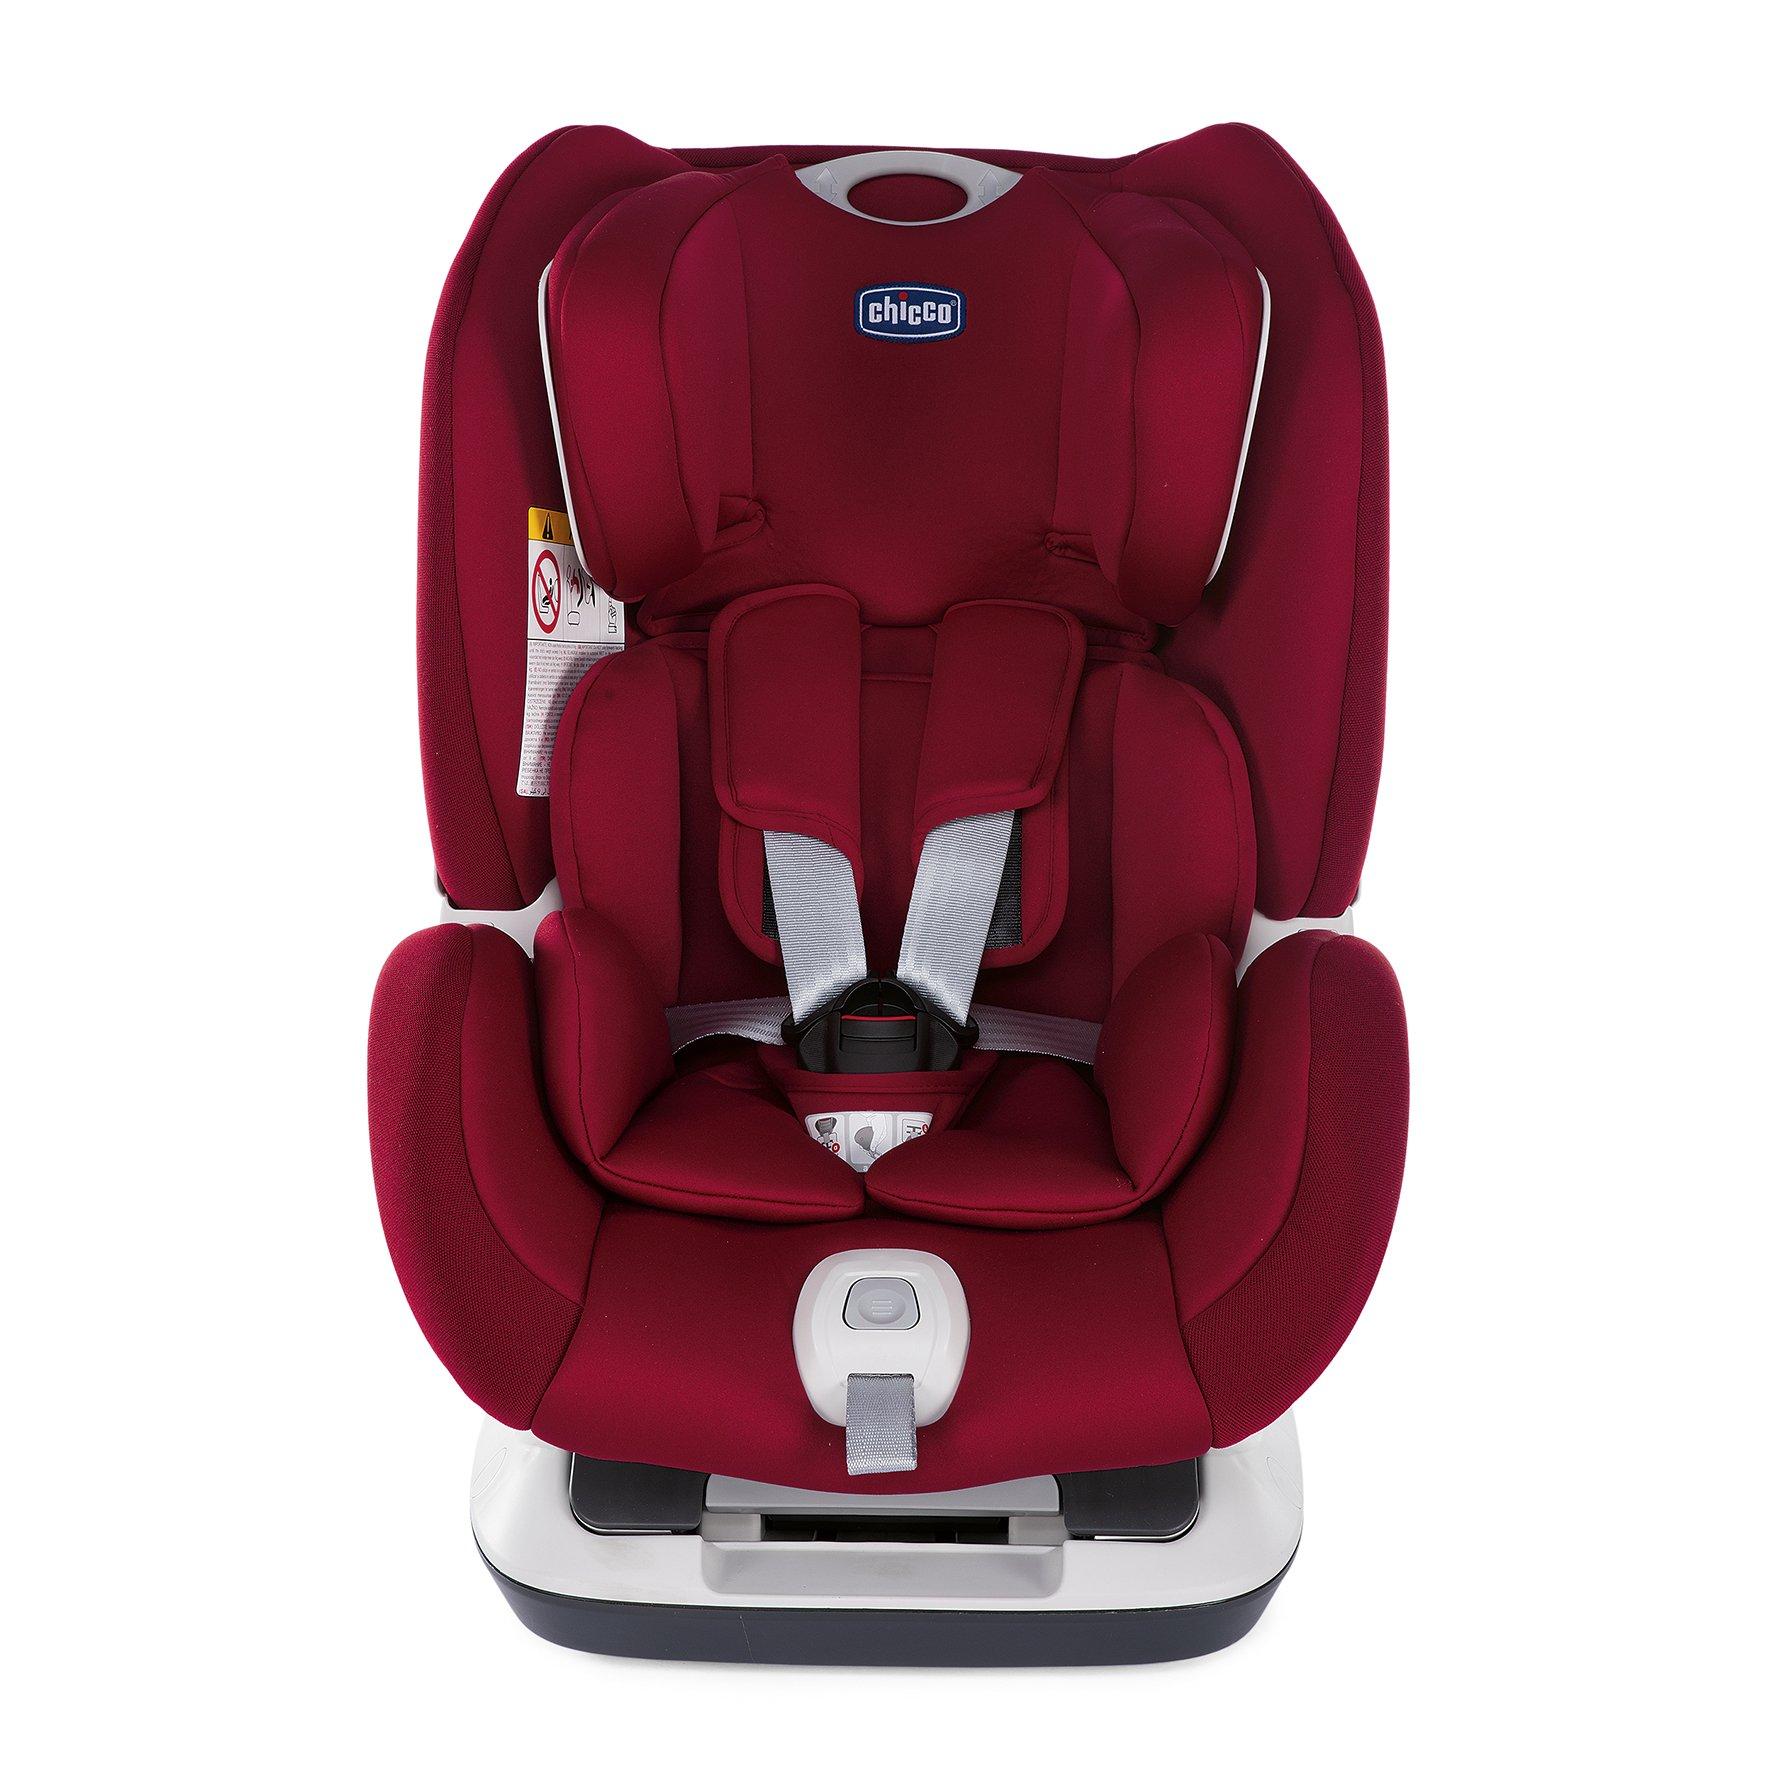 Silla de coche seat up 0 1 2 chicco 2019 pearl comprar en kidsroom sillas de coche - Silla coche chicco ...